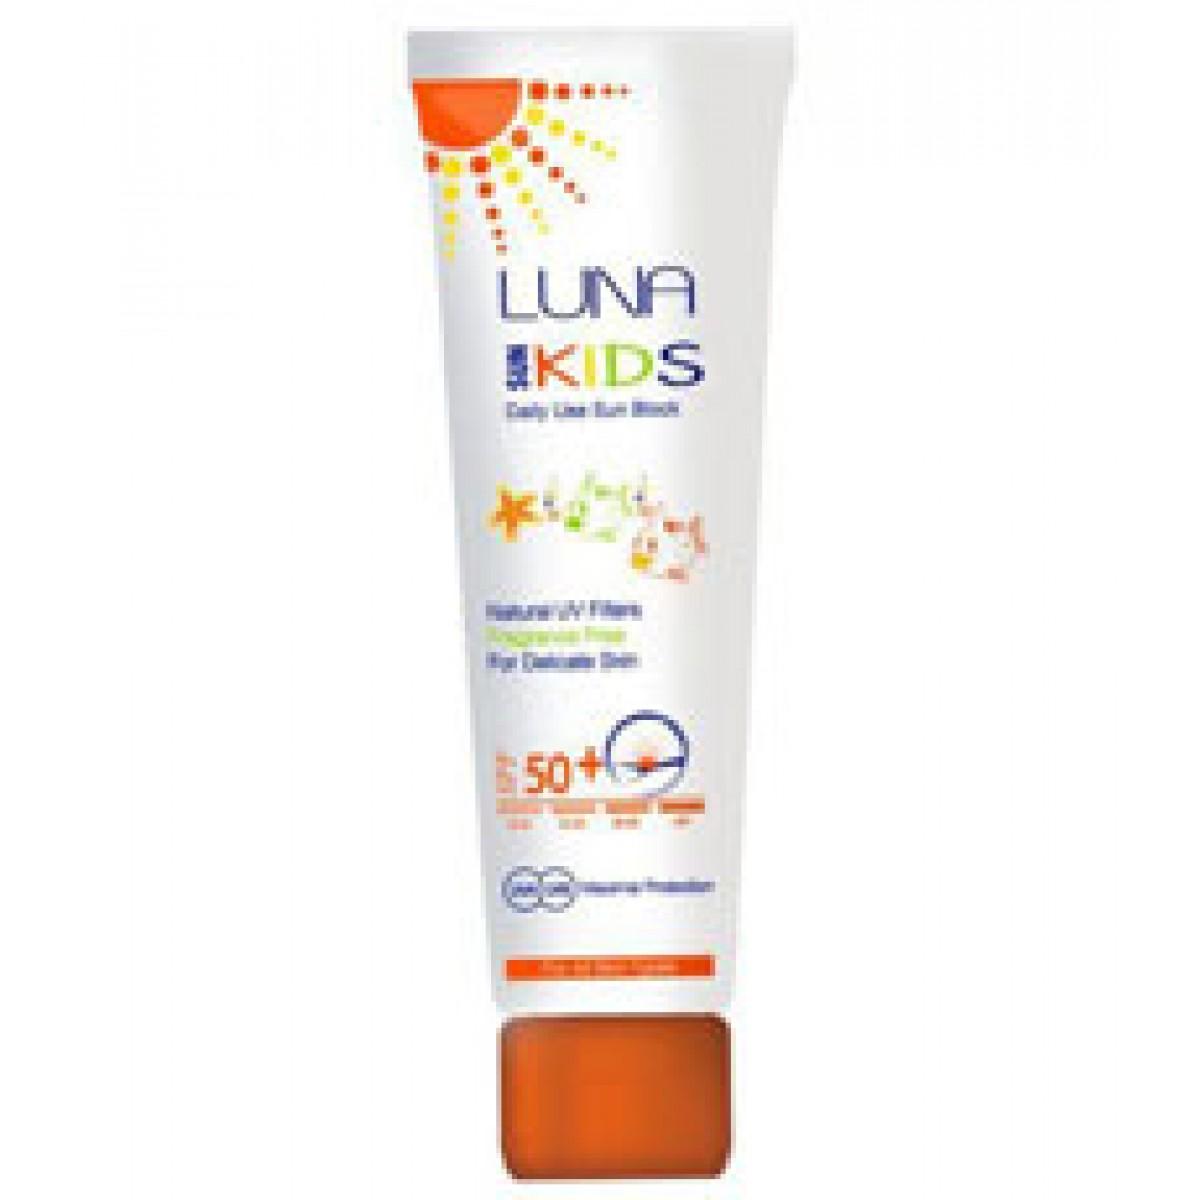 كريم لونا Luna للوقاية من الشمس للبشرة الدهنية للأطفال والكبار